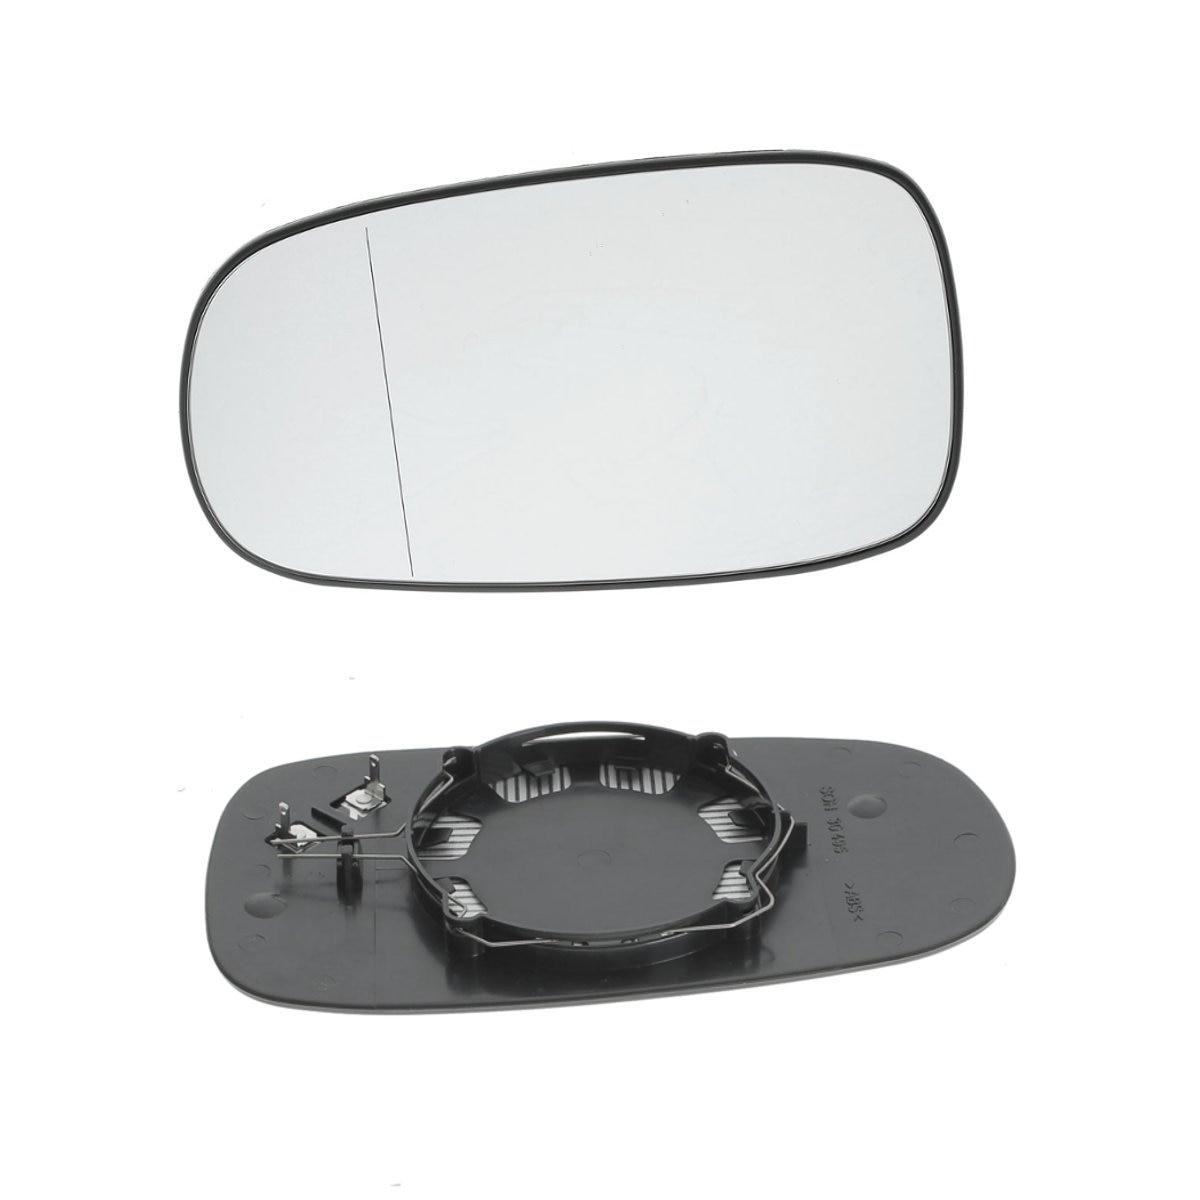 ימין שמאל נוסע צד כנף מראה זכוכית מחומם חשמלי עבור סאאב 9-3 93 2003-2010 9- 5 2003-2008 החלפת חלקי Accessorie